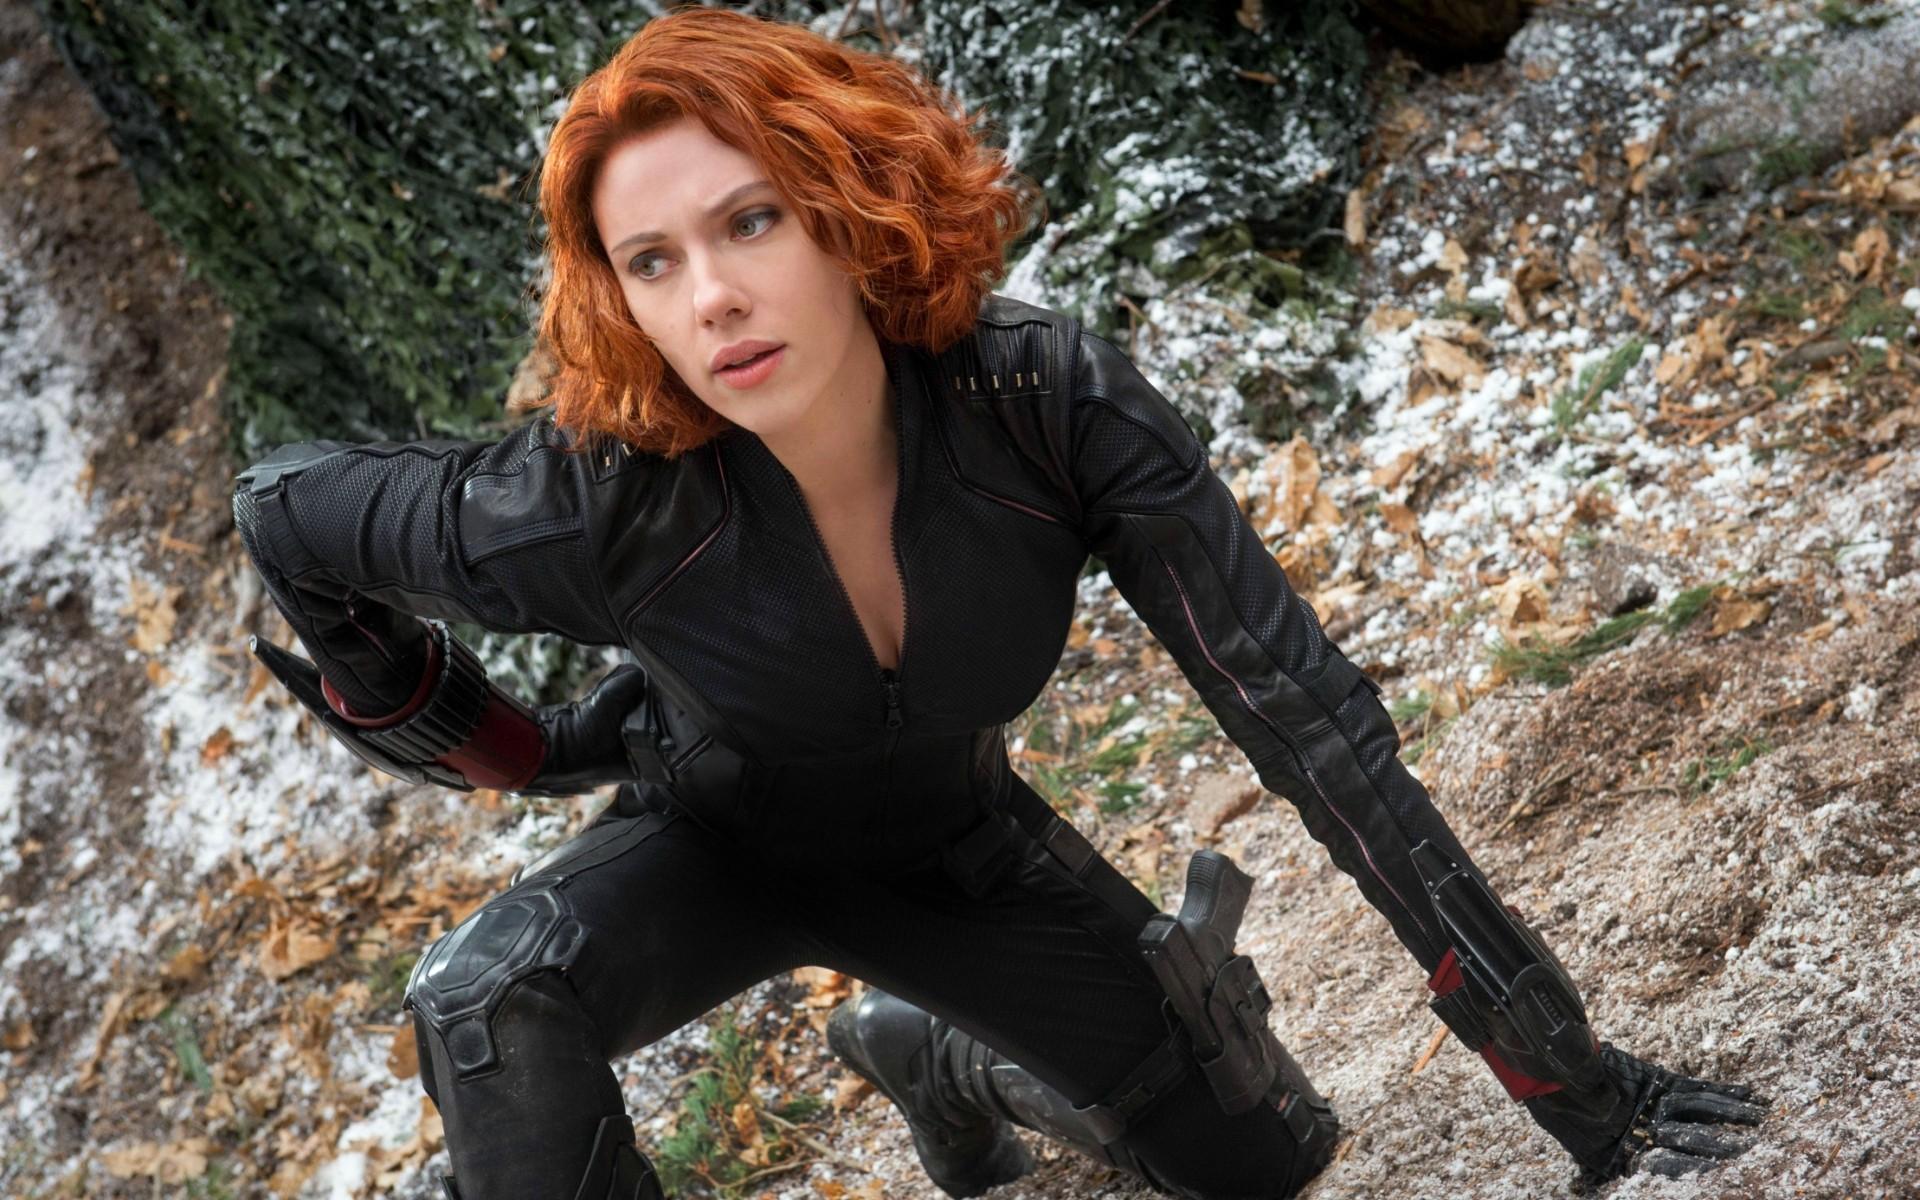 Картинки актриса из мстителей